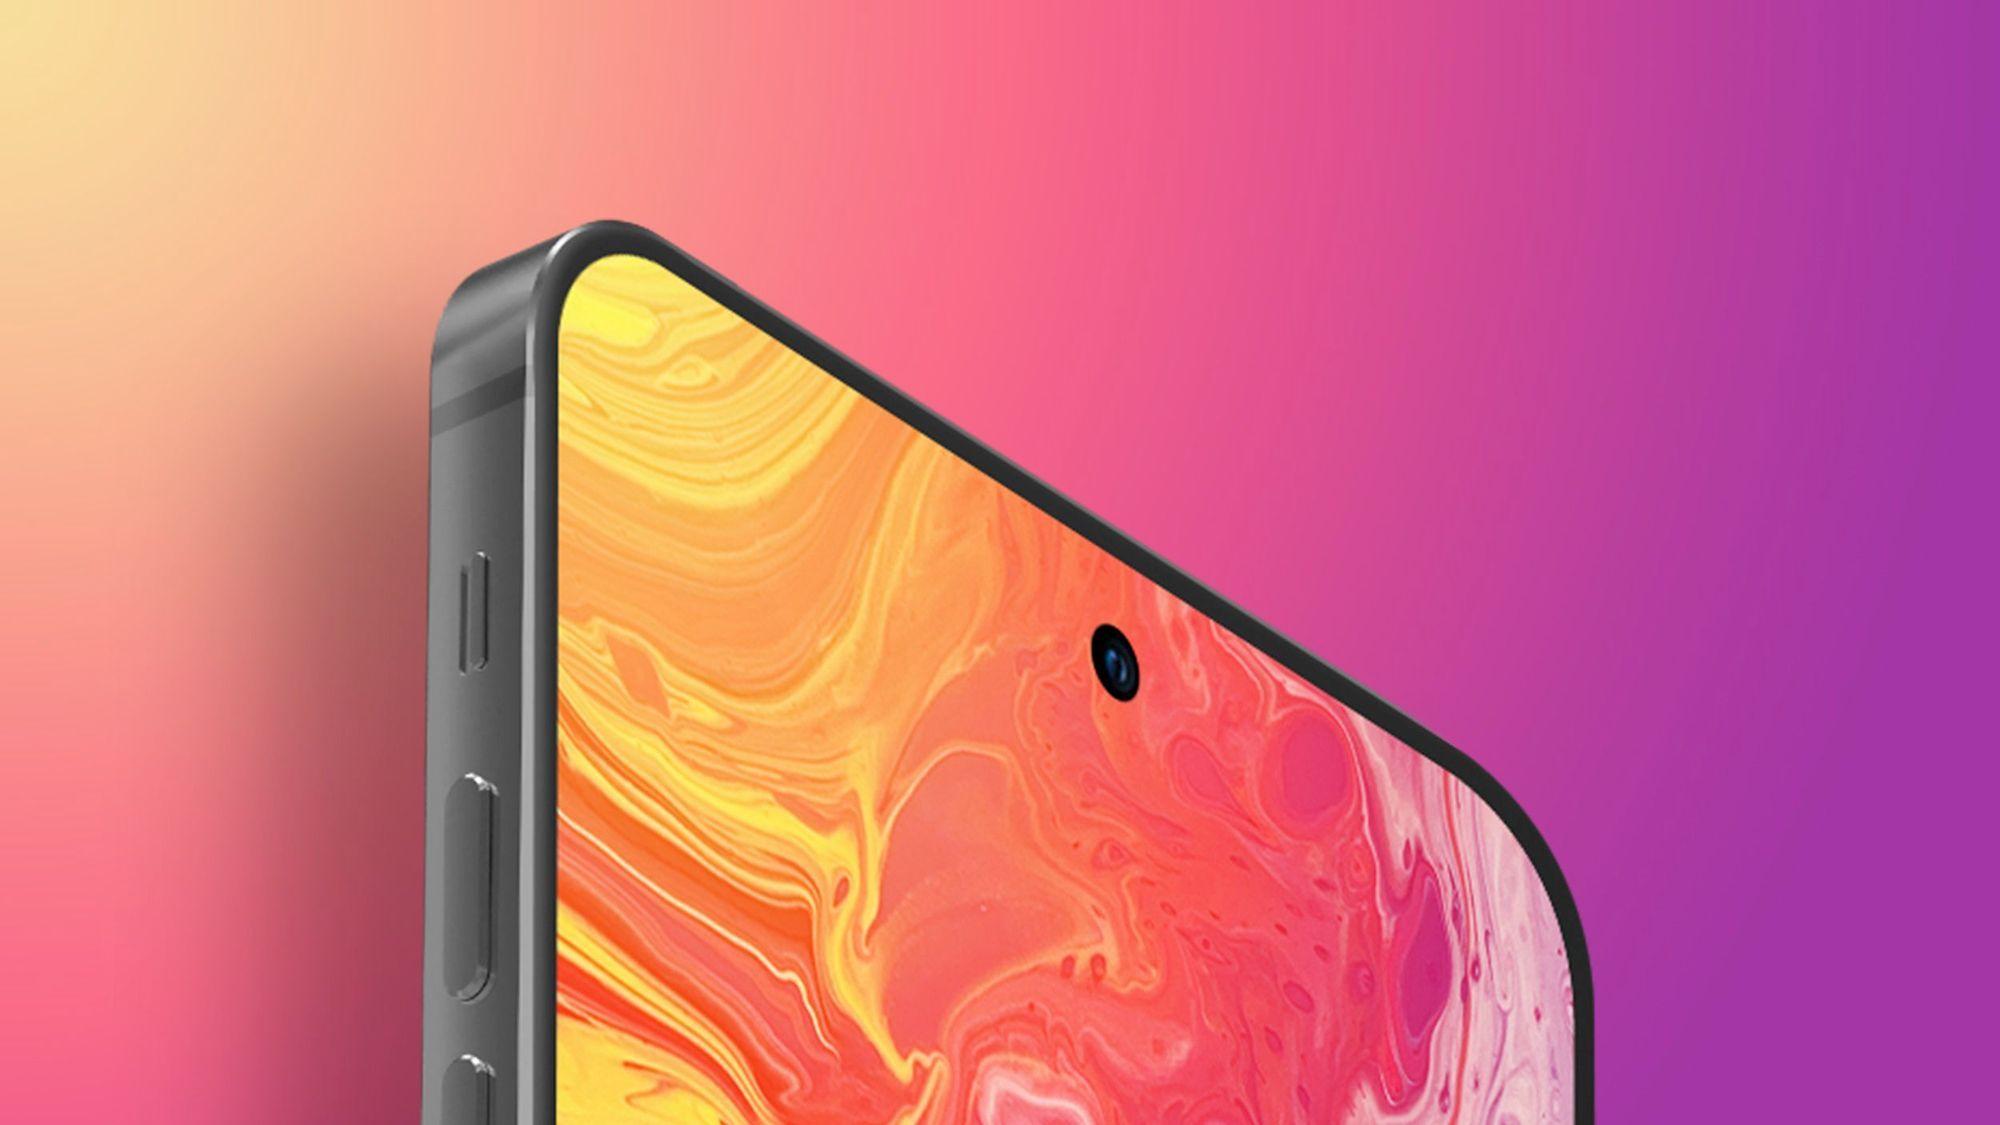 Новая технология позволит Apple отказаться от чёлки в iPhone 14 Pro